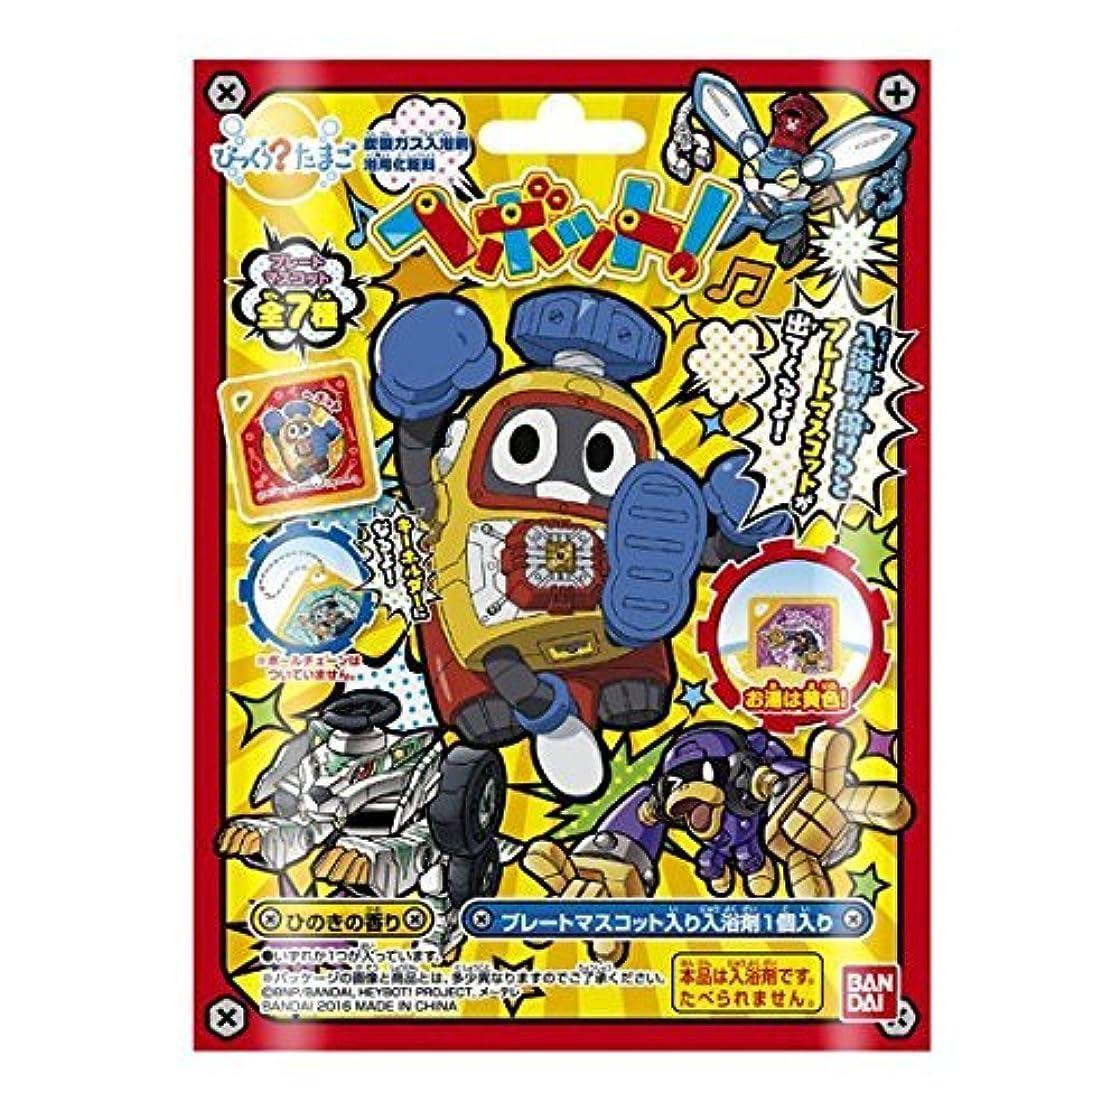 校長滑るルール【炭酸ガスの入浴剤】バンダイ びっくらたまご ヘボット!(3個入りBOX)